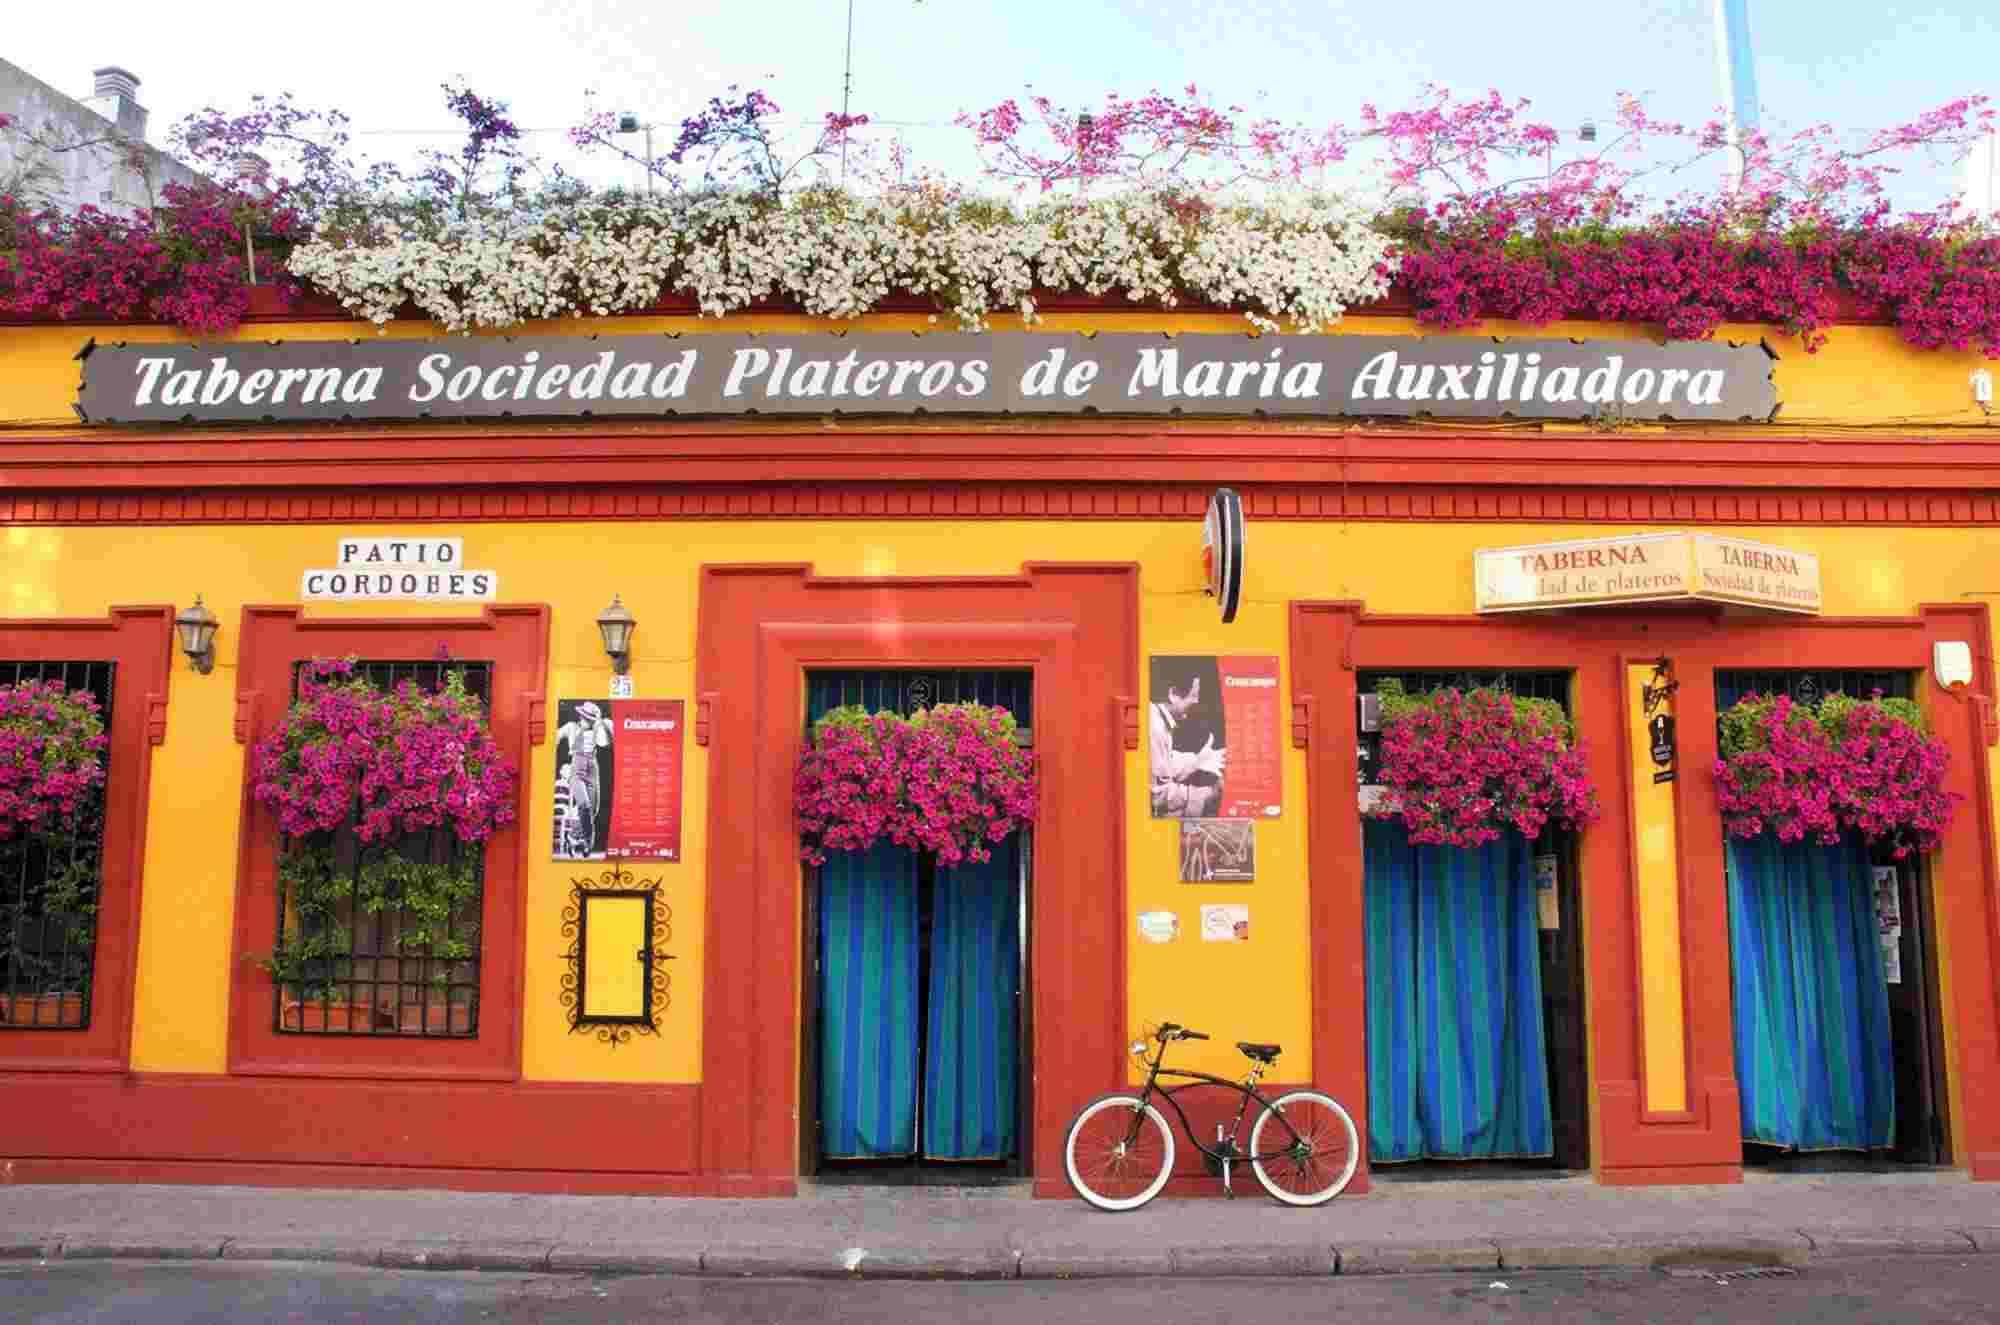 Postal fachada entrada. Restaurantes en Córdoba. Sociedad Plateros María Auxiliadora